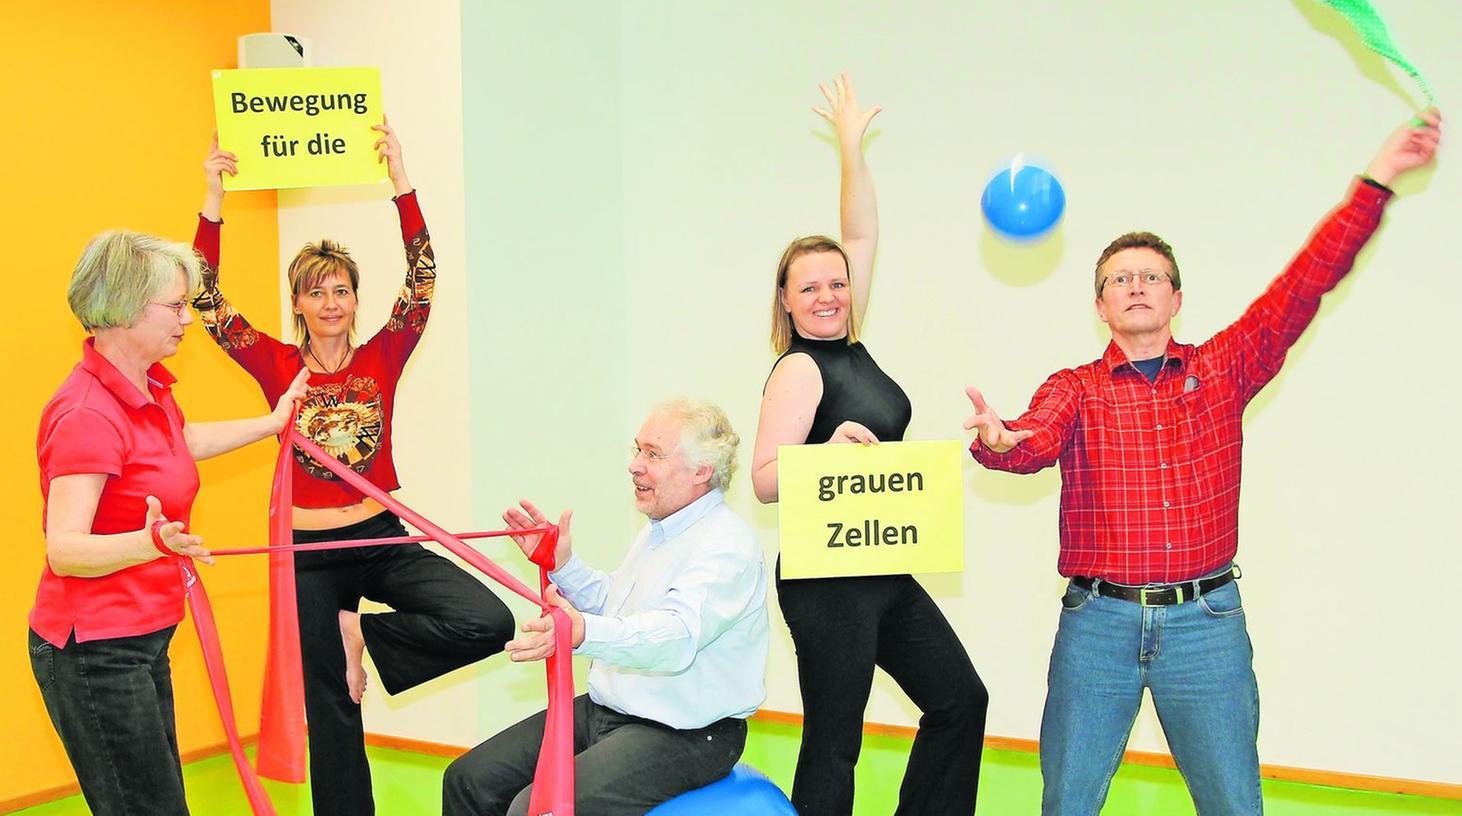 Psychotherapeutin Susanne Hindenberg (v. li.), Yogalehrerin Katrin Rößler, Sportwissenschaftlerin Claudia Böschel und Psychologe Reinhard März demonstrieren mit einem Probanden das breite Trainingsspektrum.